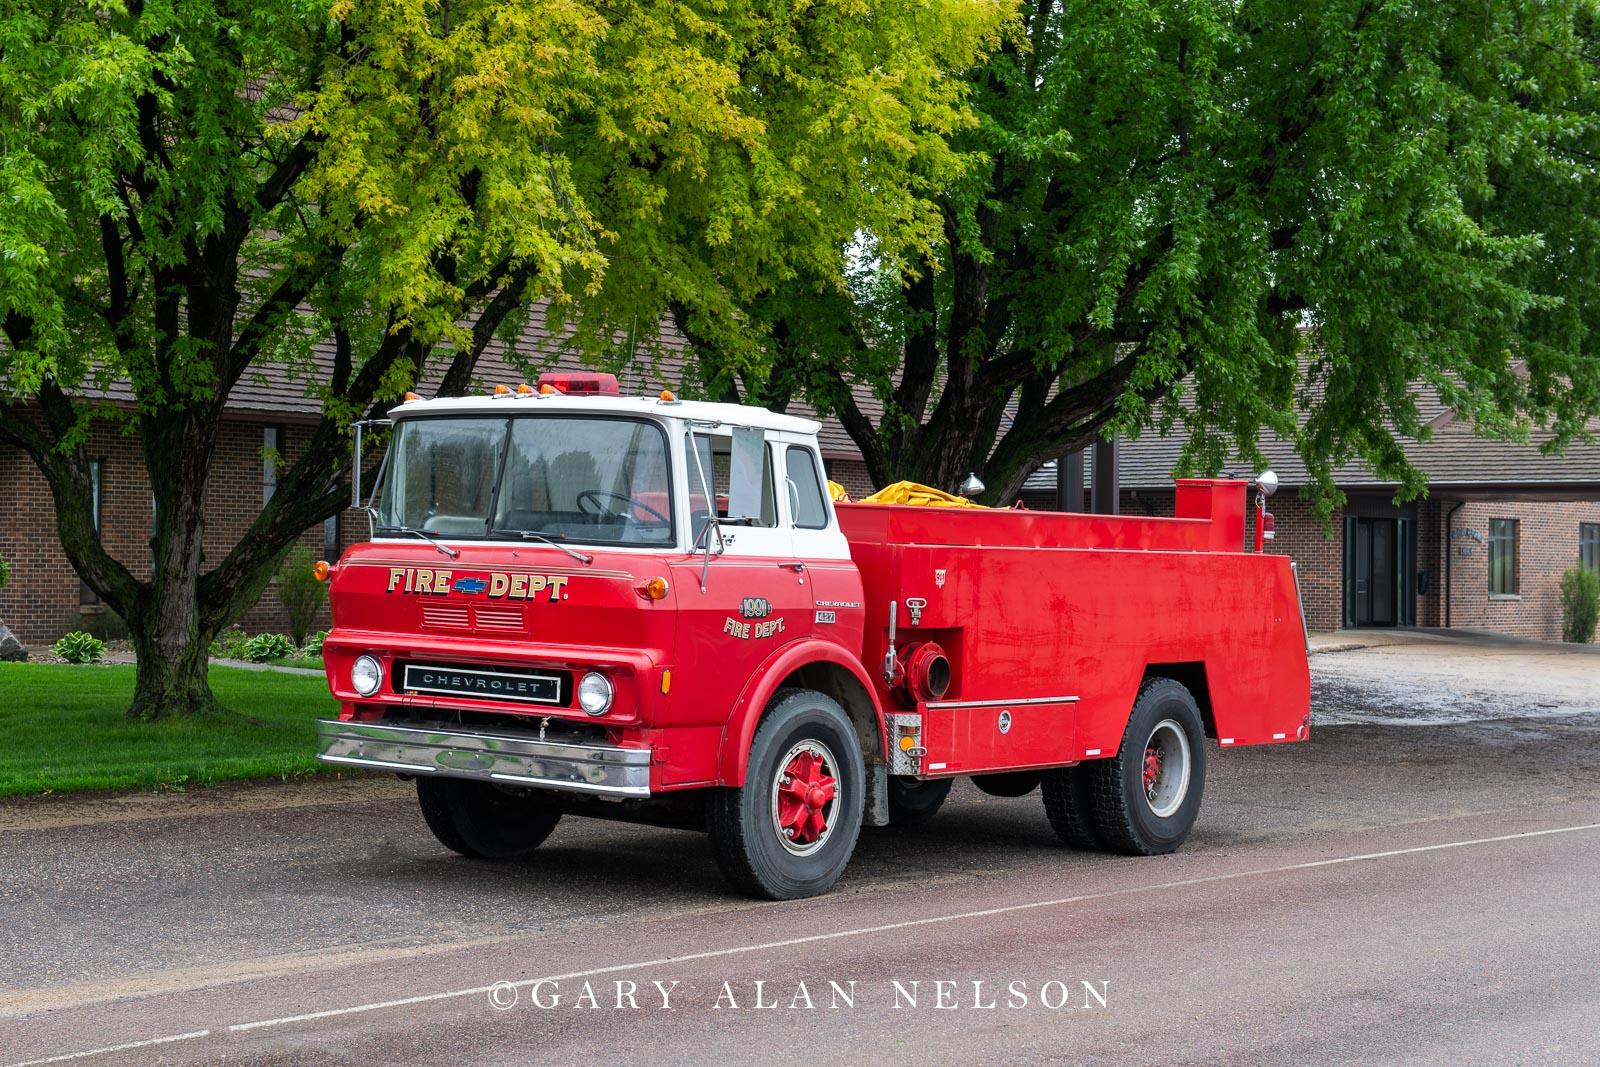 1973 Chevrolet Fire Truck